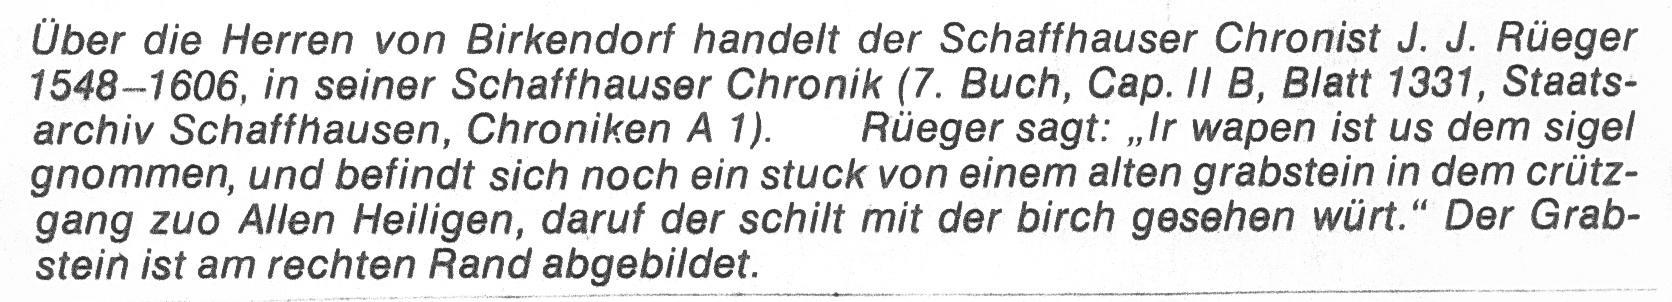 rüeger-txt